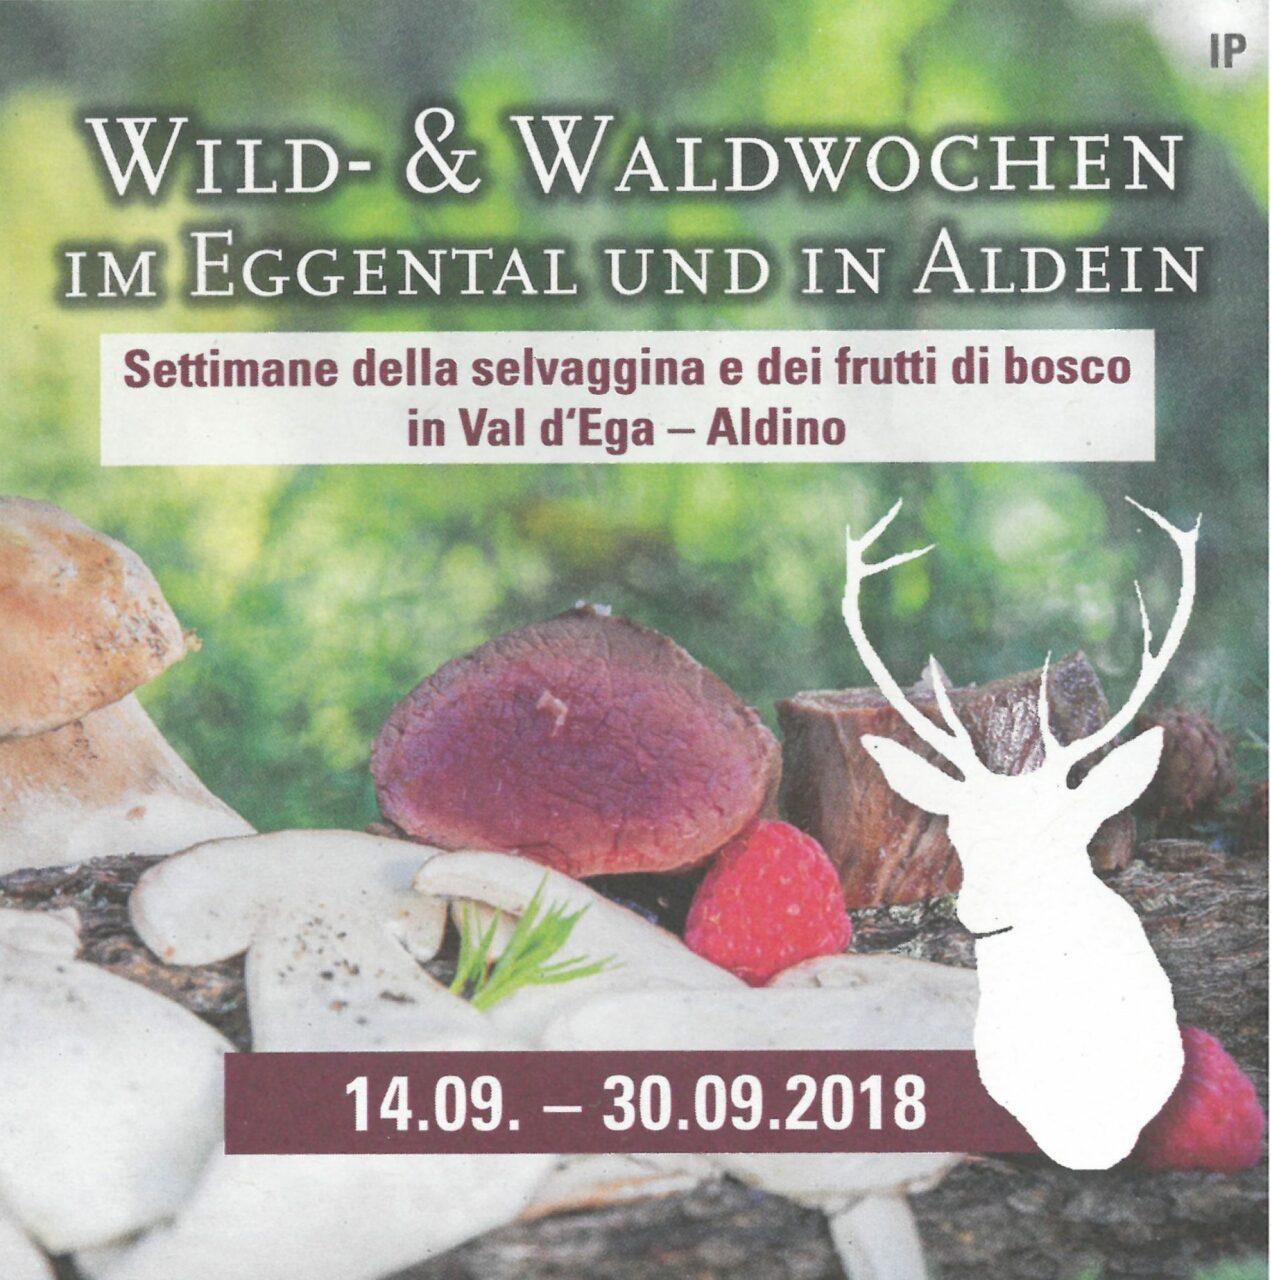 Wildwochen 1 - Restaurant